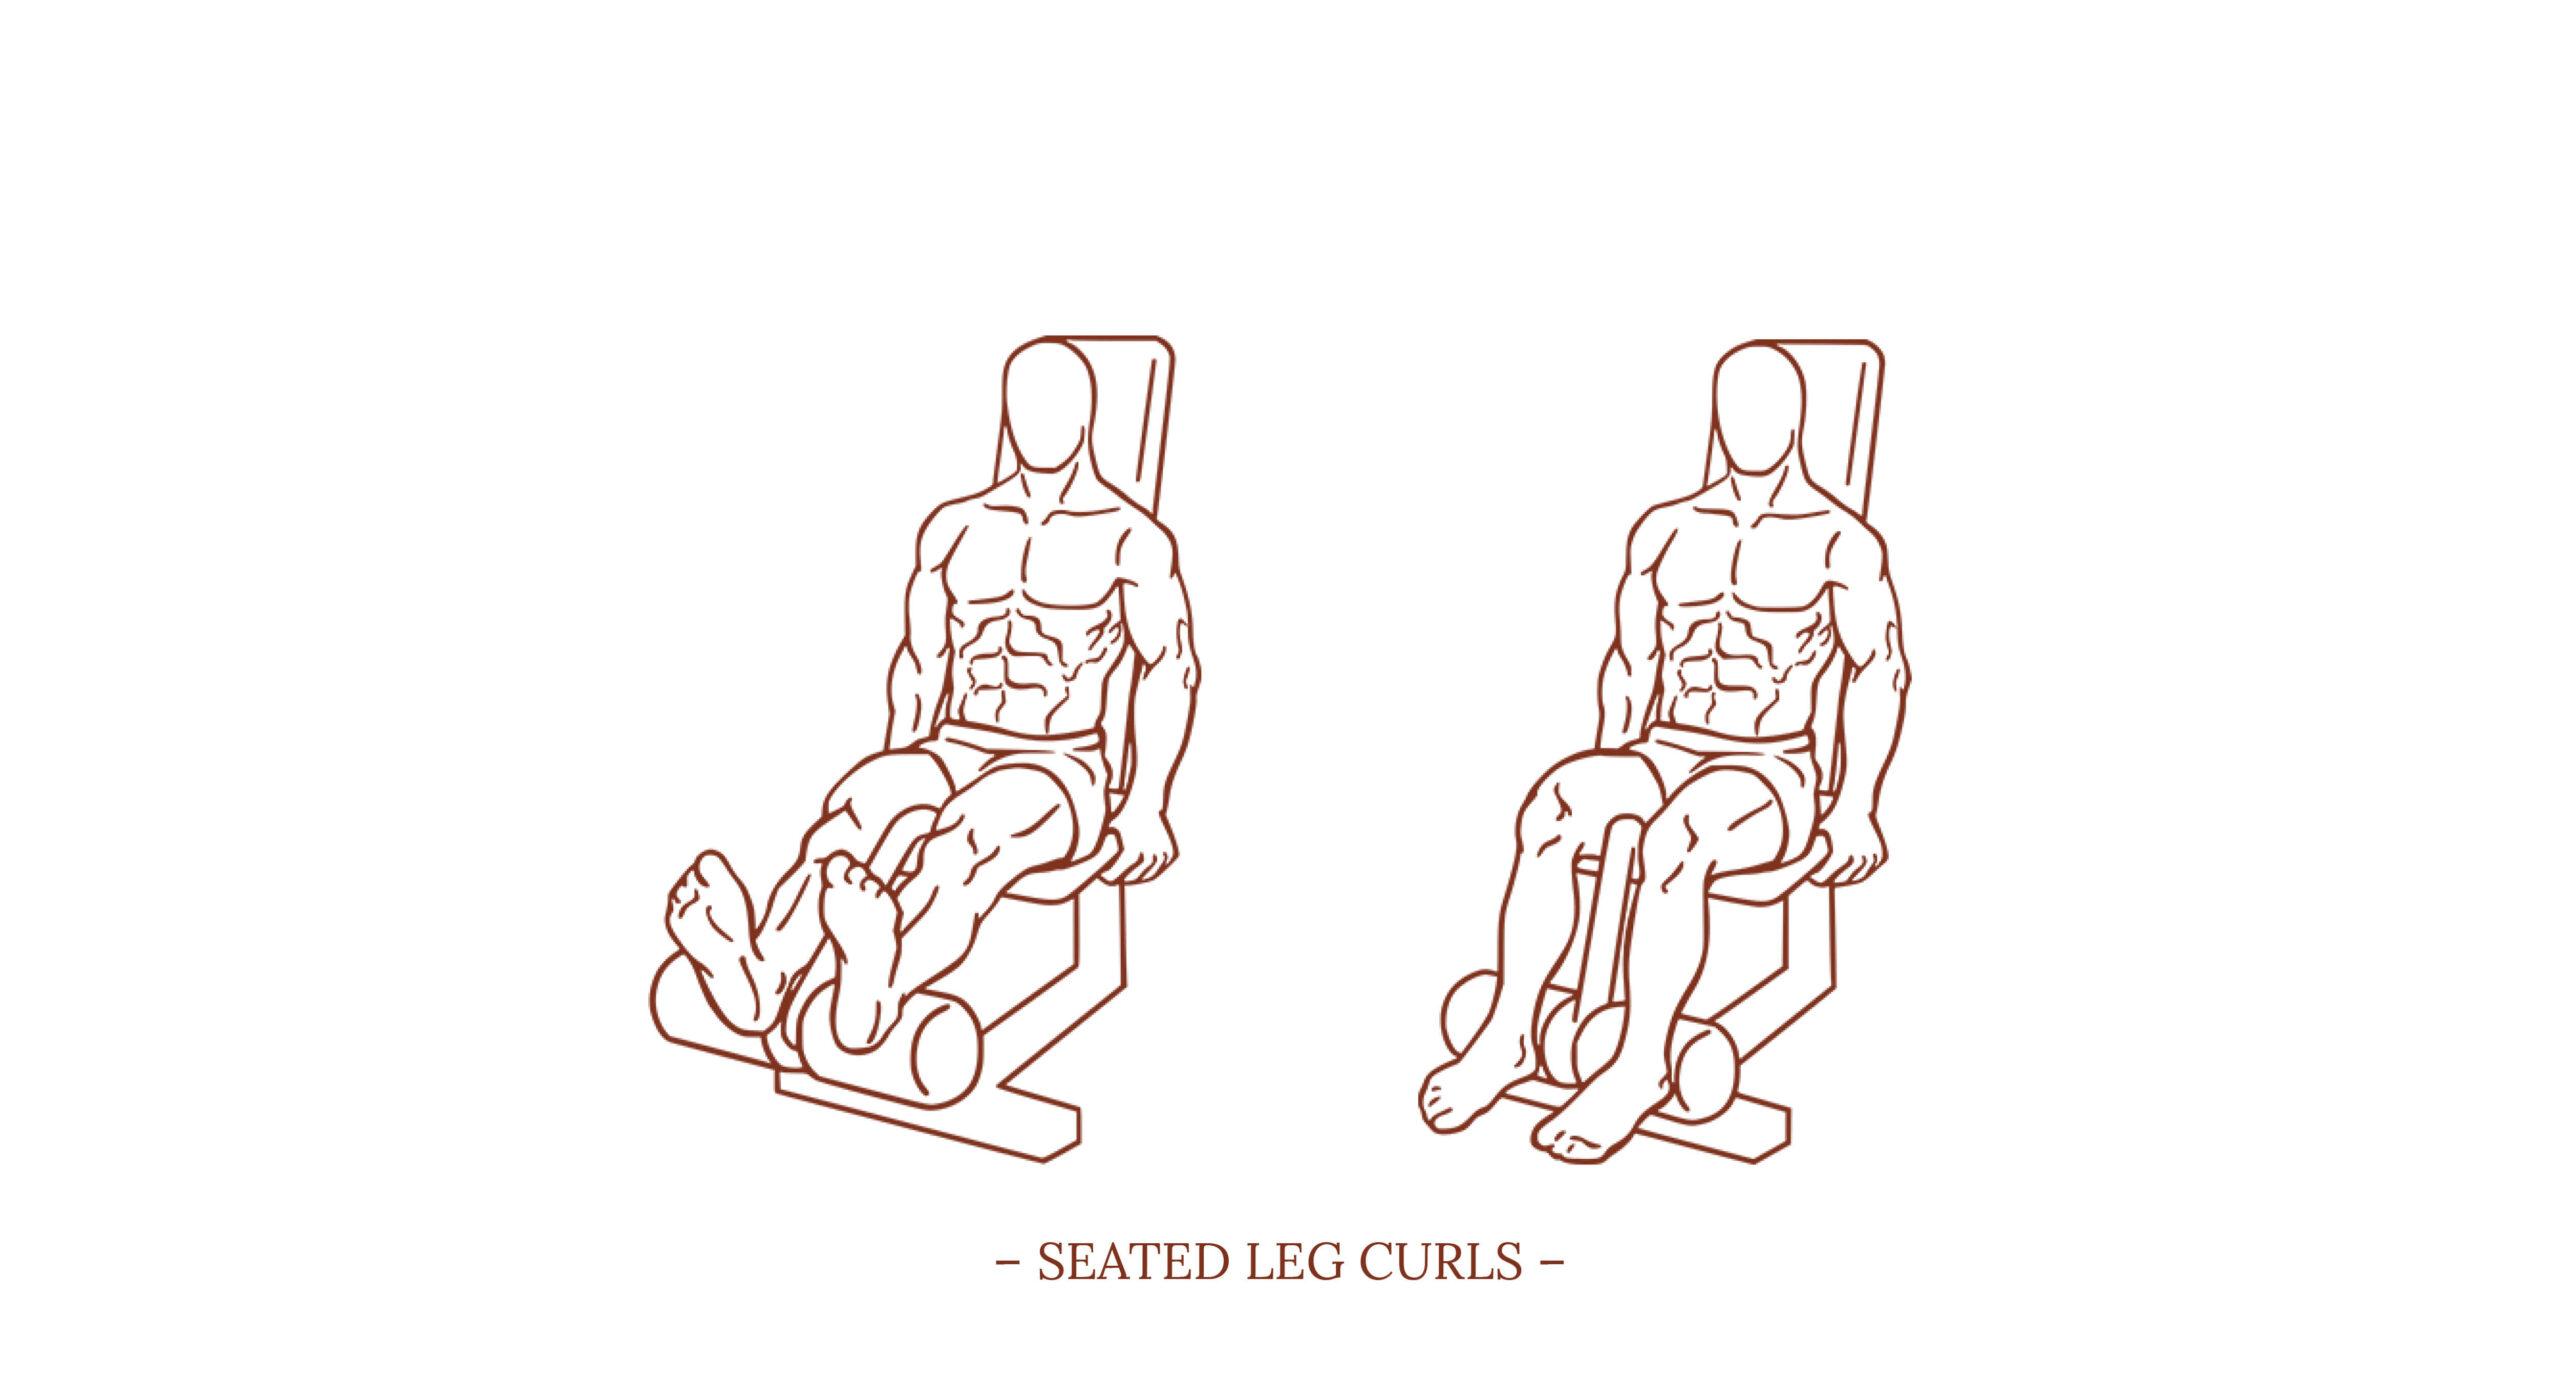 Seated Leg Curls Illustration